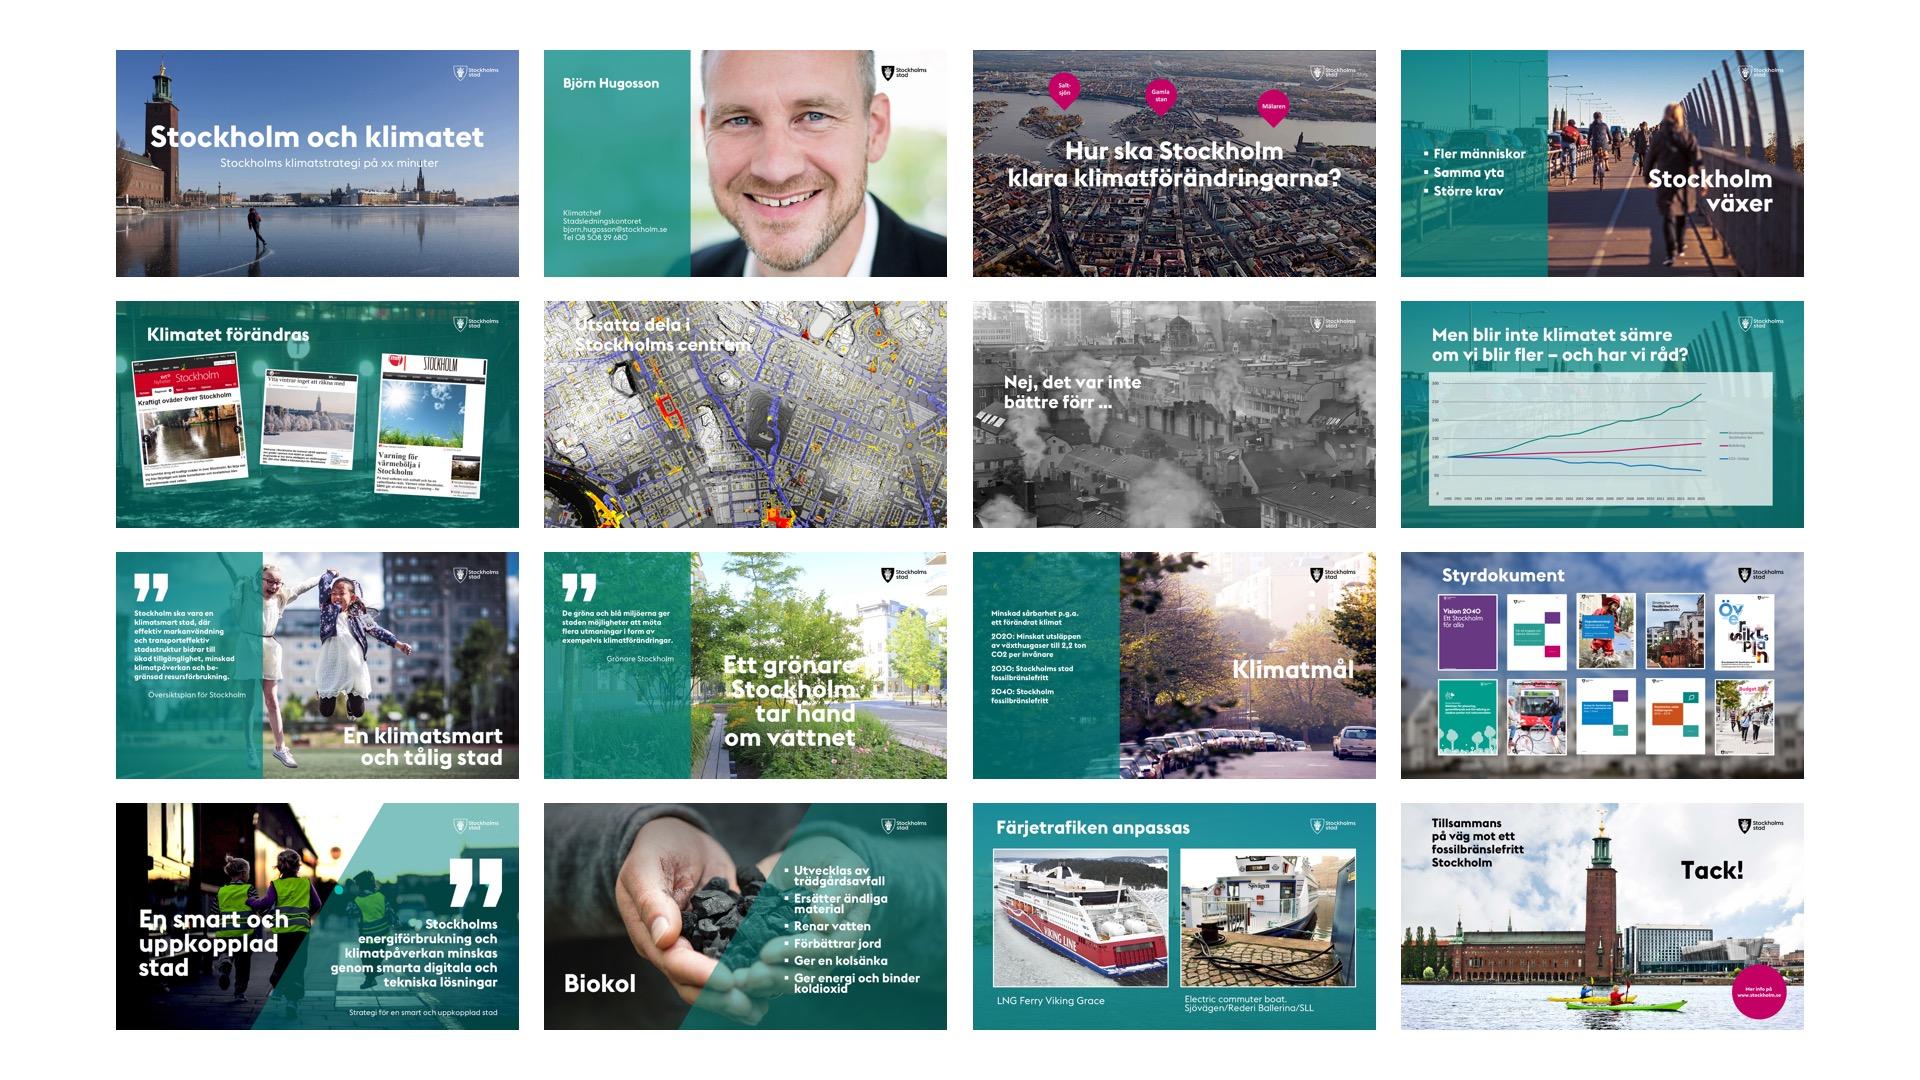 16 bilder ur Stadsledningskontorets Powerpoint